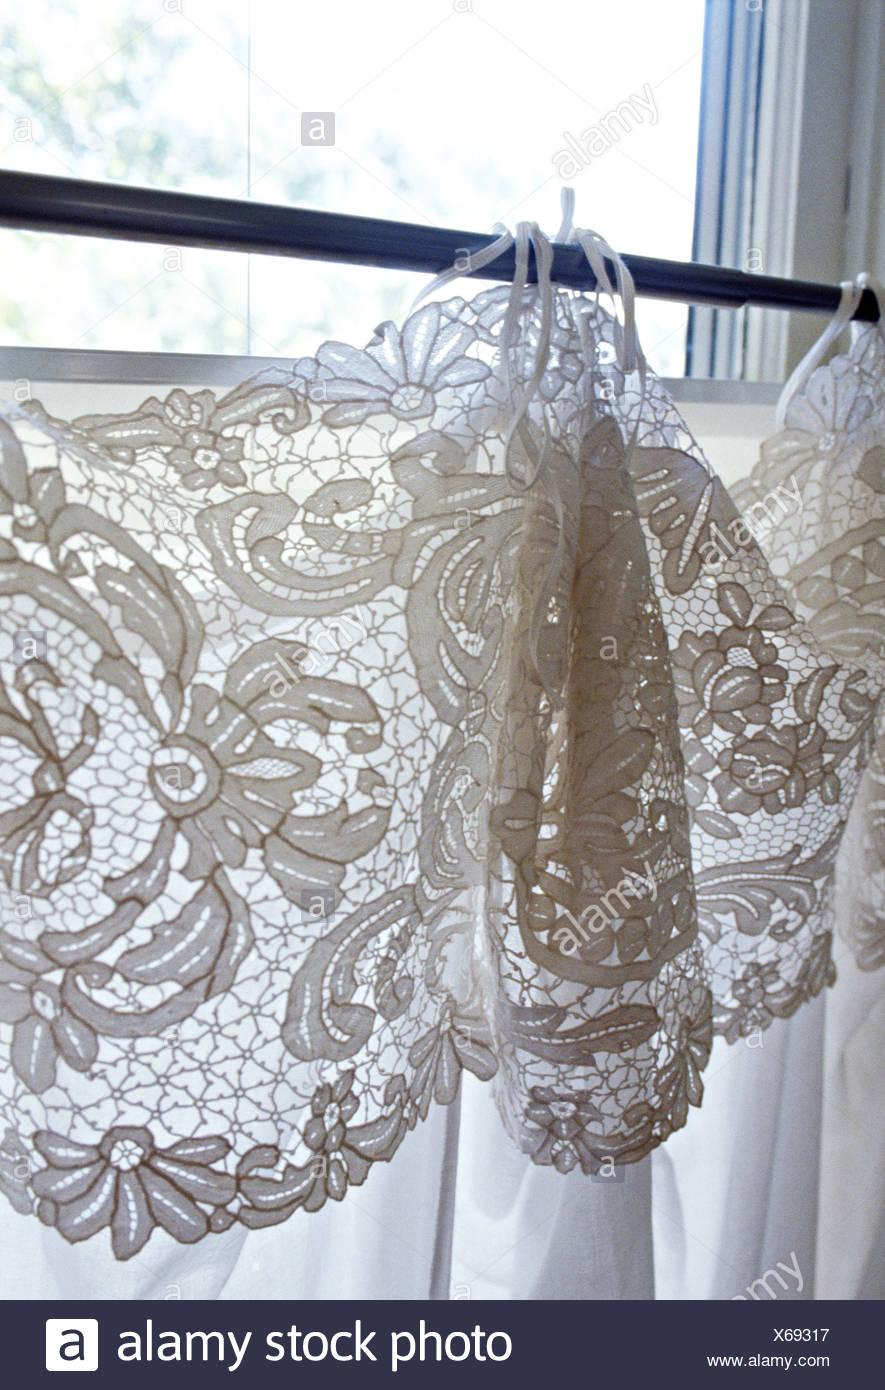 Close-up de fenêtre avec dentelle blanche sur les rideaux de coton ...